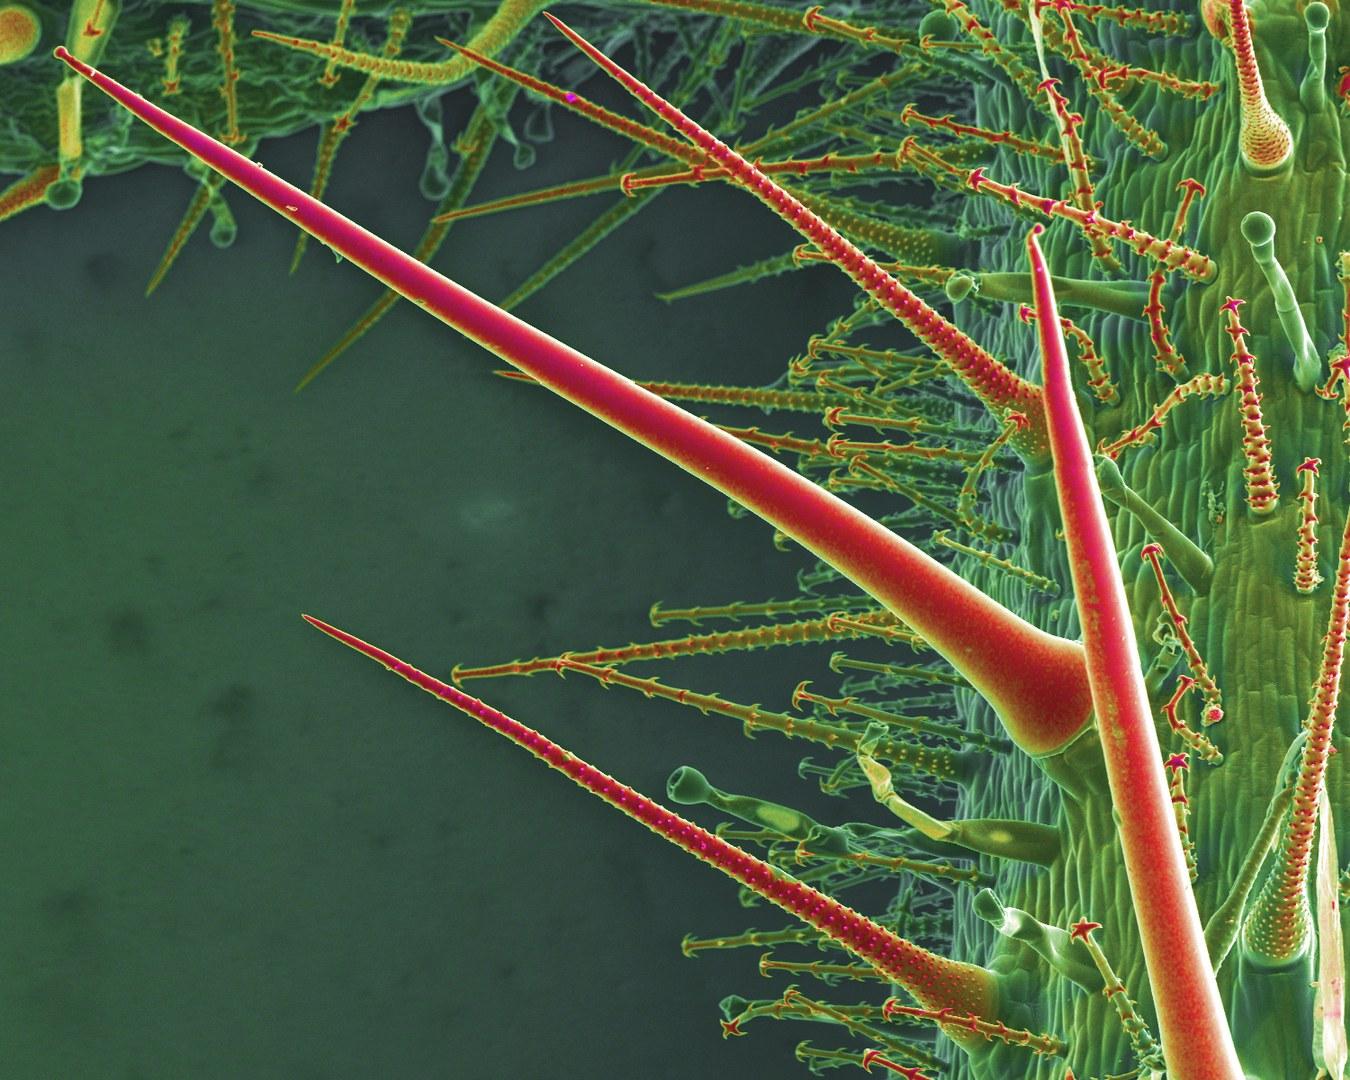 Brenn- und Hakenhaare der Blumennessel Loasa pallida